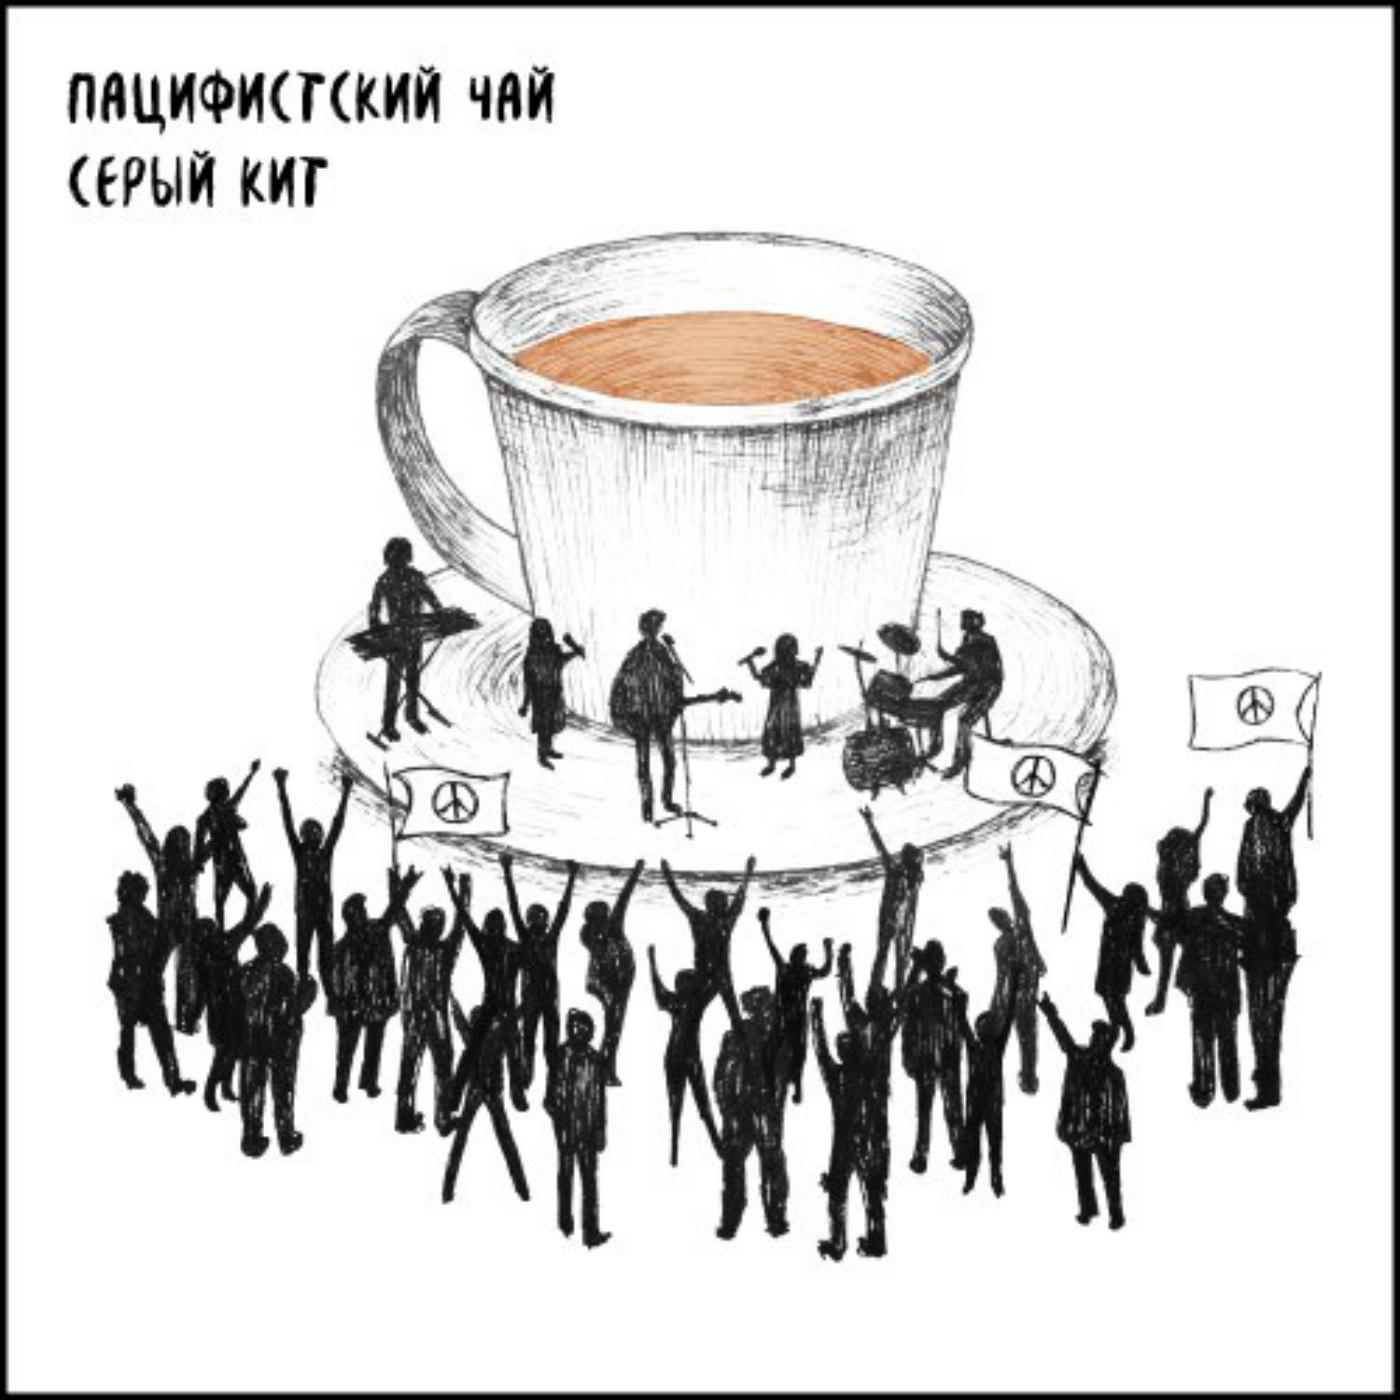 Новый ЕР Серый кит - Пацифистский чай